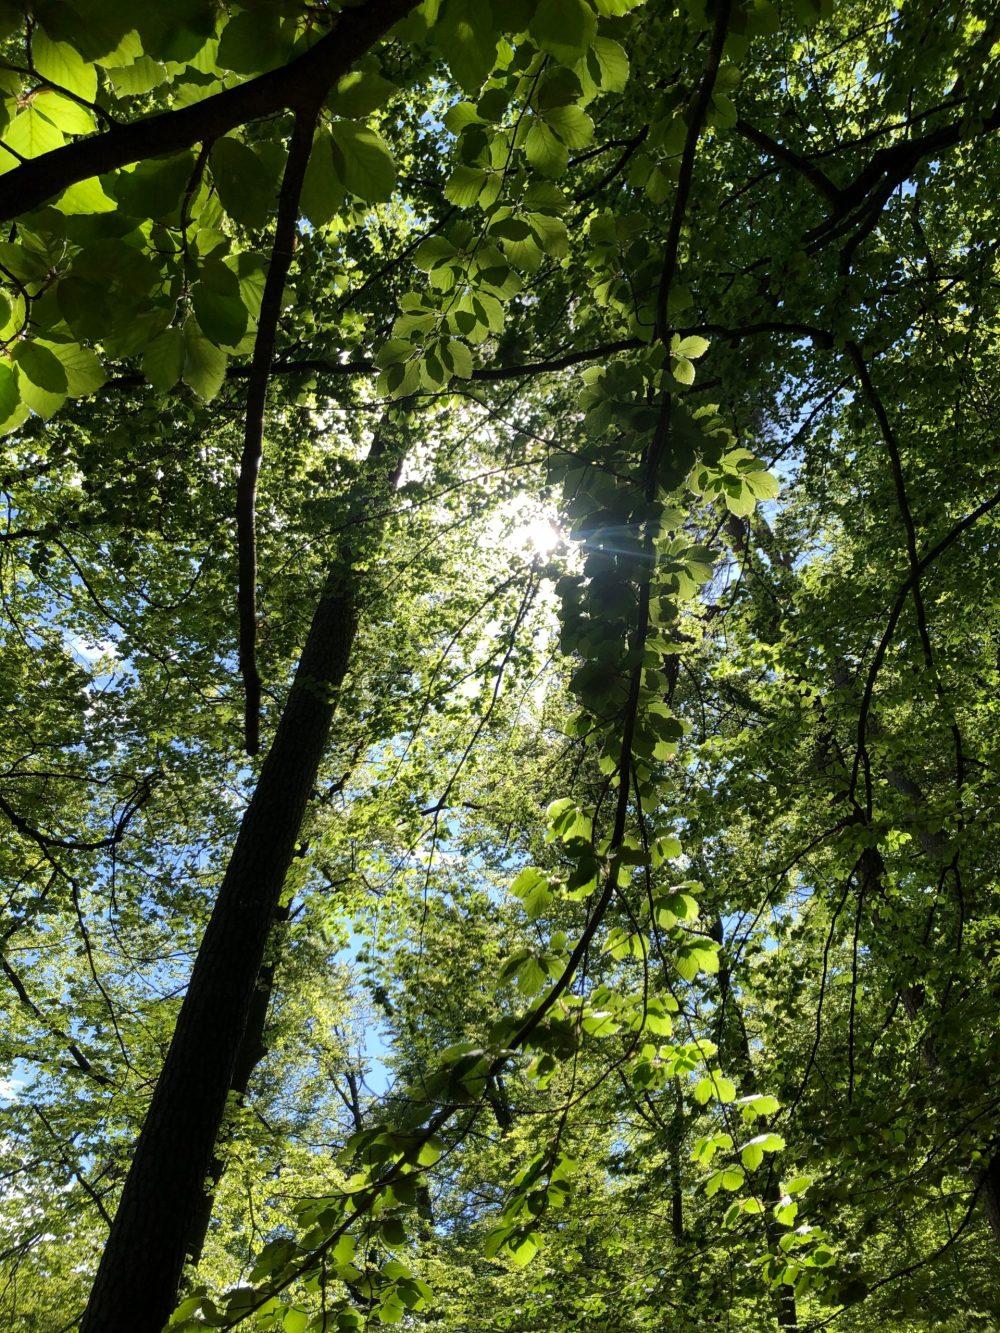 Blick durch die Laubbäume in die Sonne